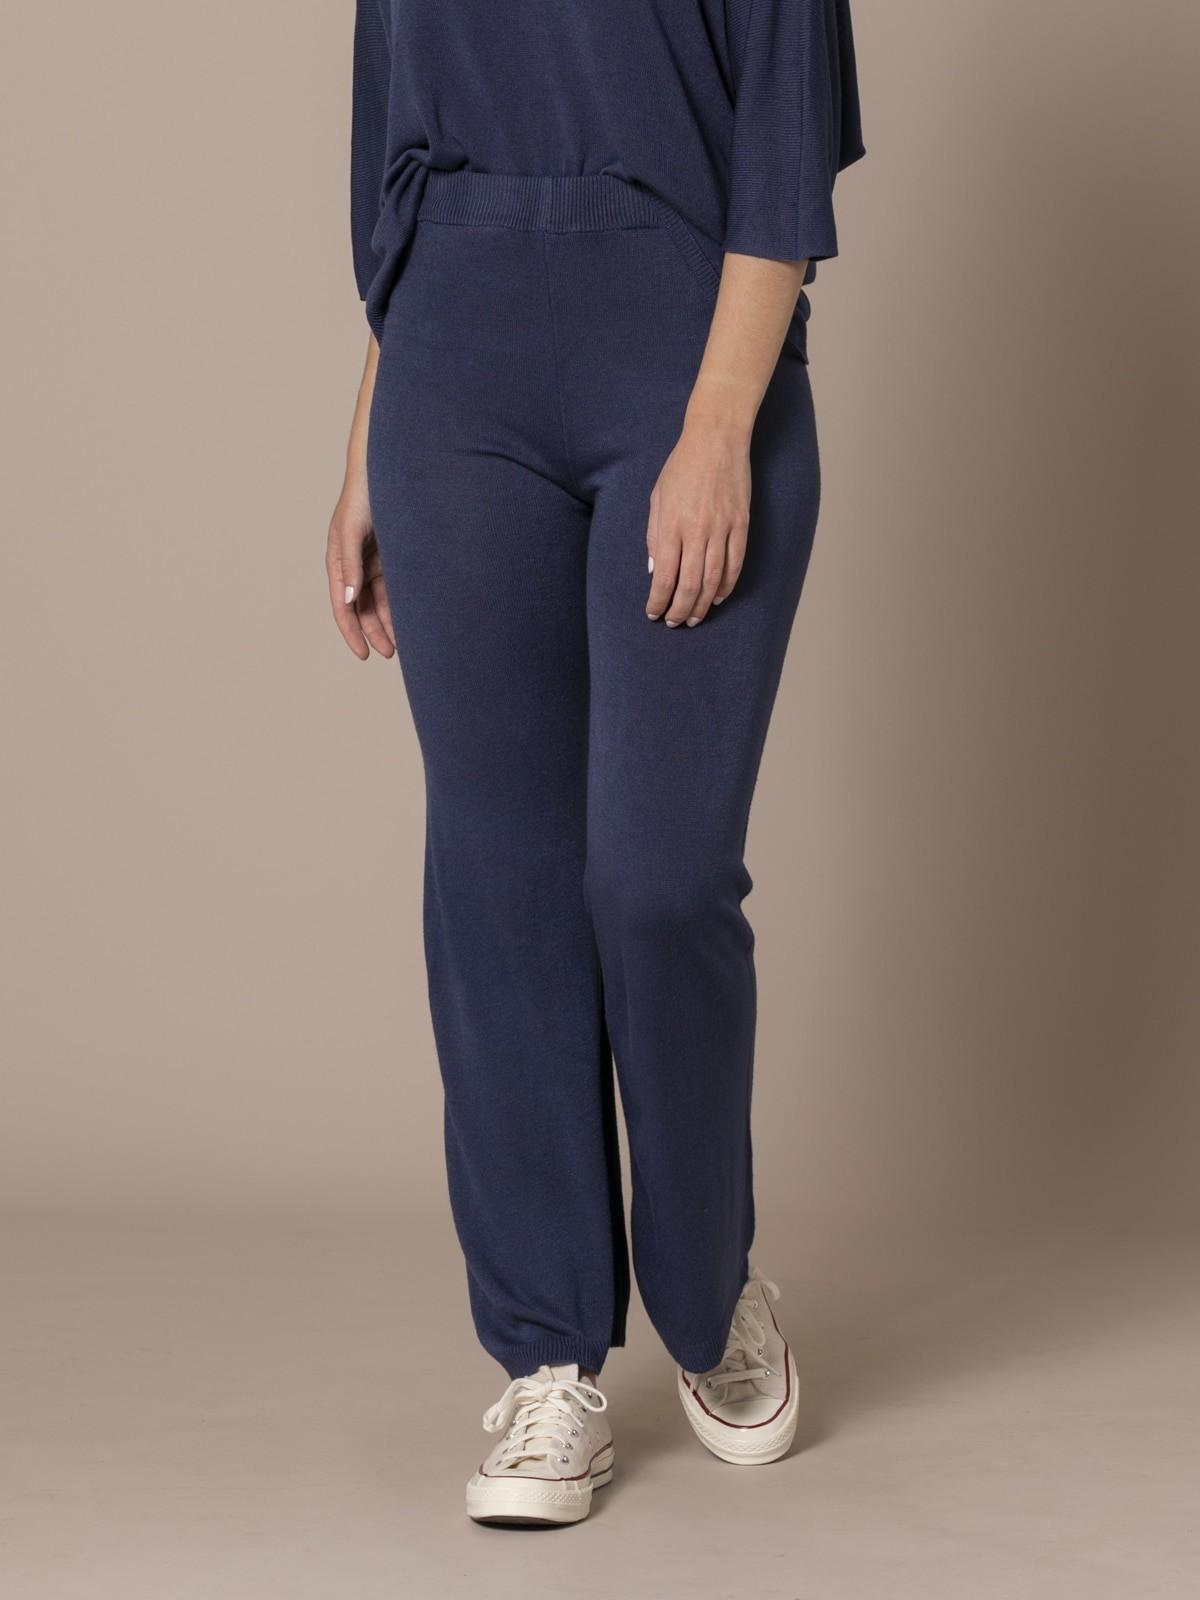 Pantalón mujer de punto Azul Marino